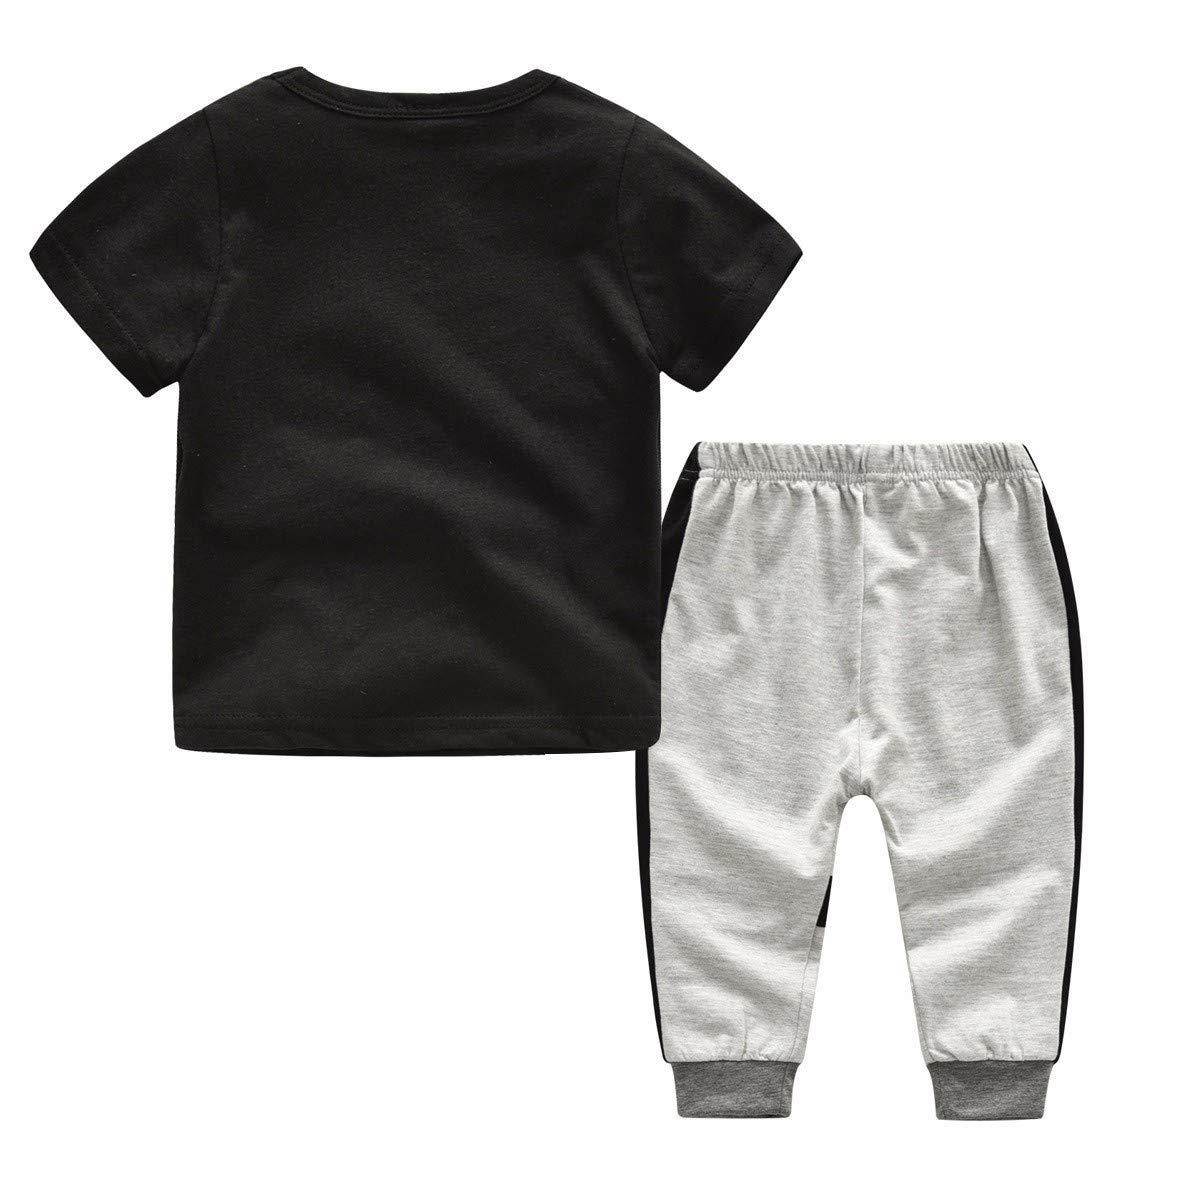 Camouflage Hose Weiche Outfits Set WUSIKY Fr/ühling SummerToddler Kleidung Kinder Jungen M/ädchen Brief Drucken Baumwolle T-Shirt Tops